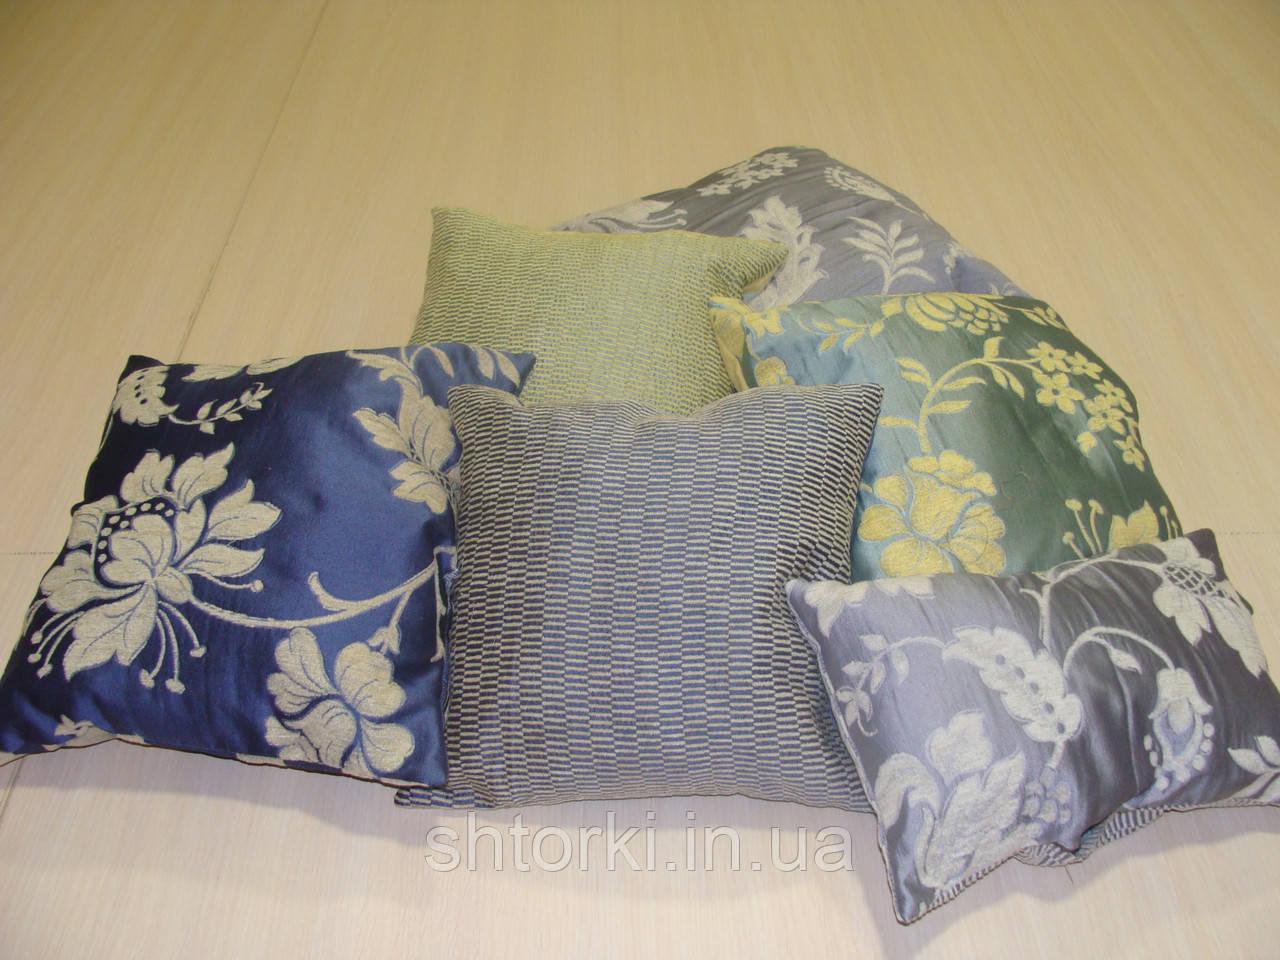 Комплект подушек  Синие и голубые беж , 6шт